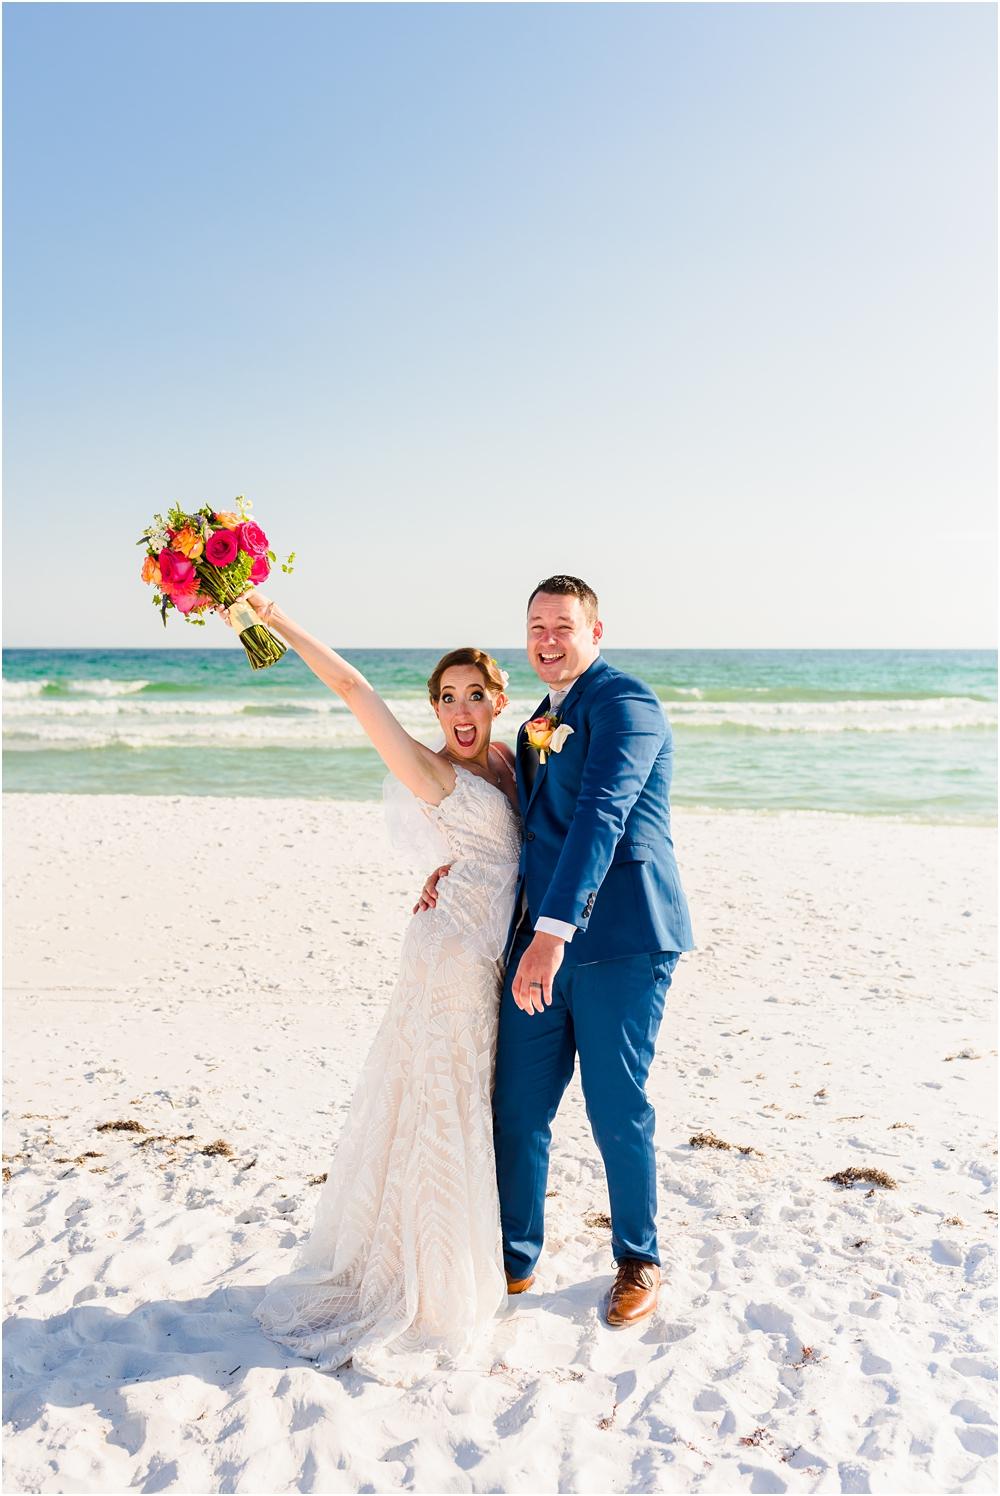 destin-sunquest-cruise-wedding-kiersten-stevenson-photography-63.jpg